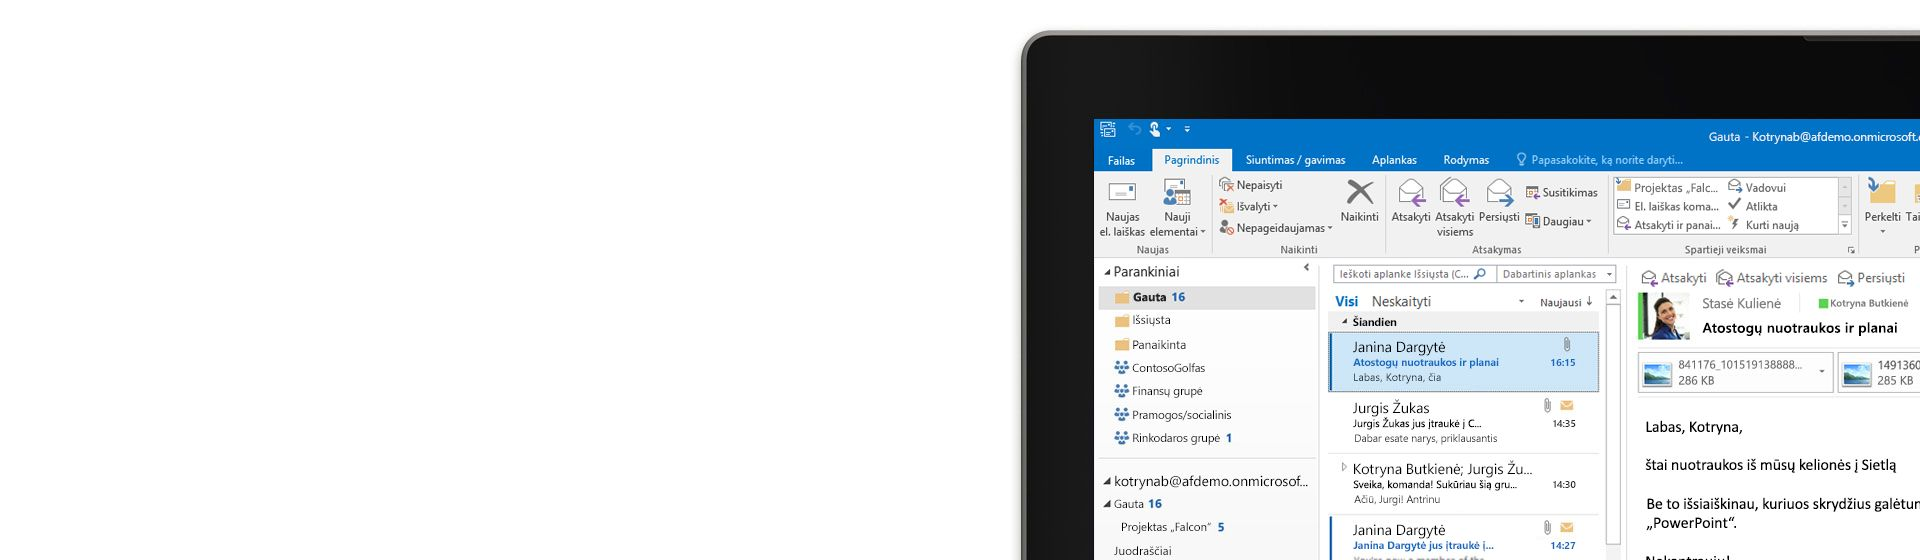 """Planšetinis kompiuteris, kuriame rodomas """"Microsoft Outlook 2016"""" aplankas Gauta su laiškų sąrašu ir peržiūra."""